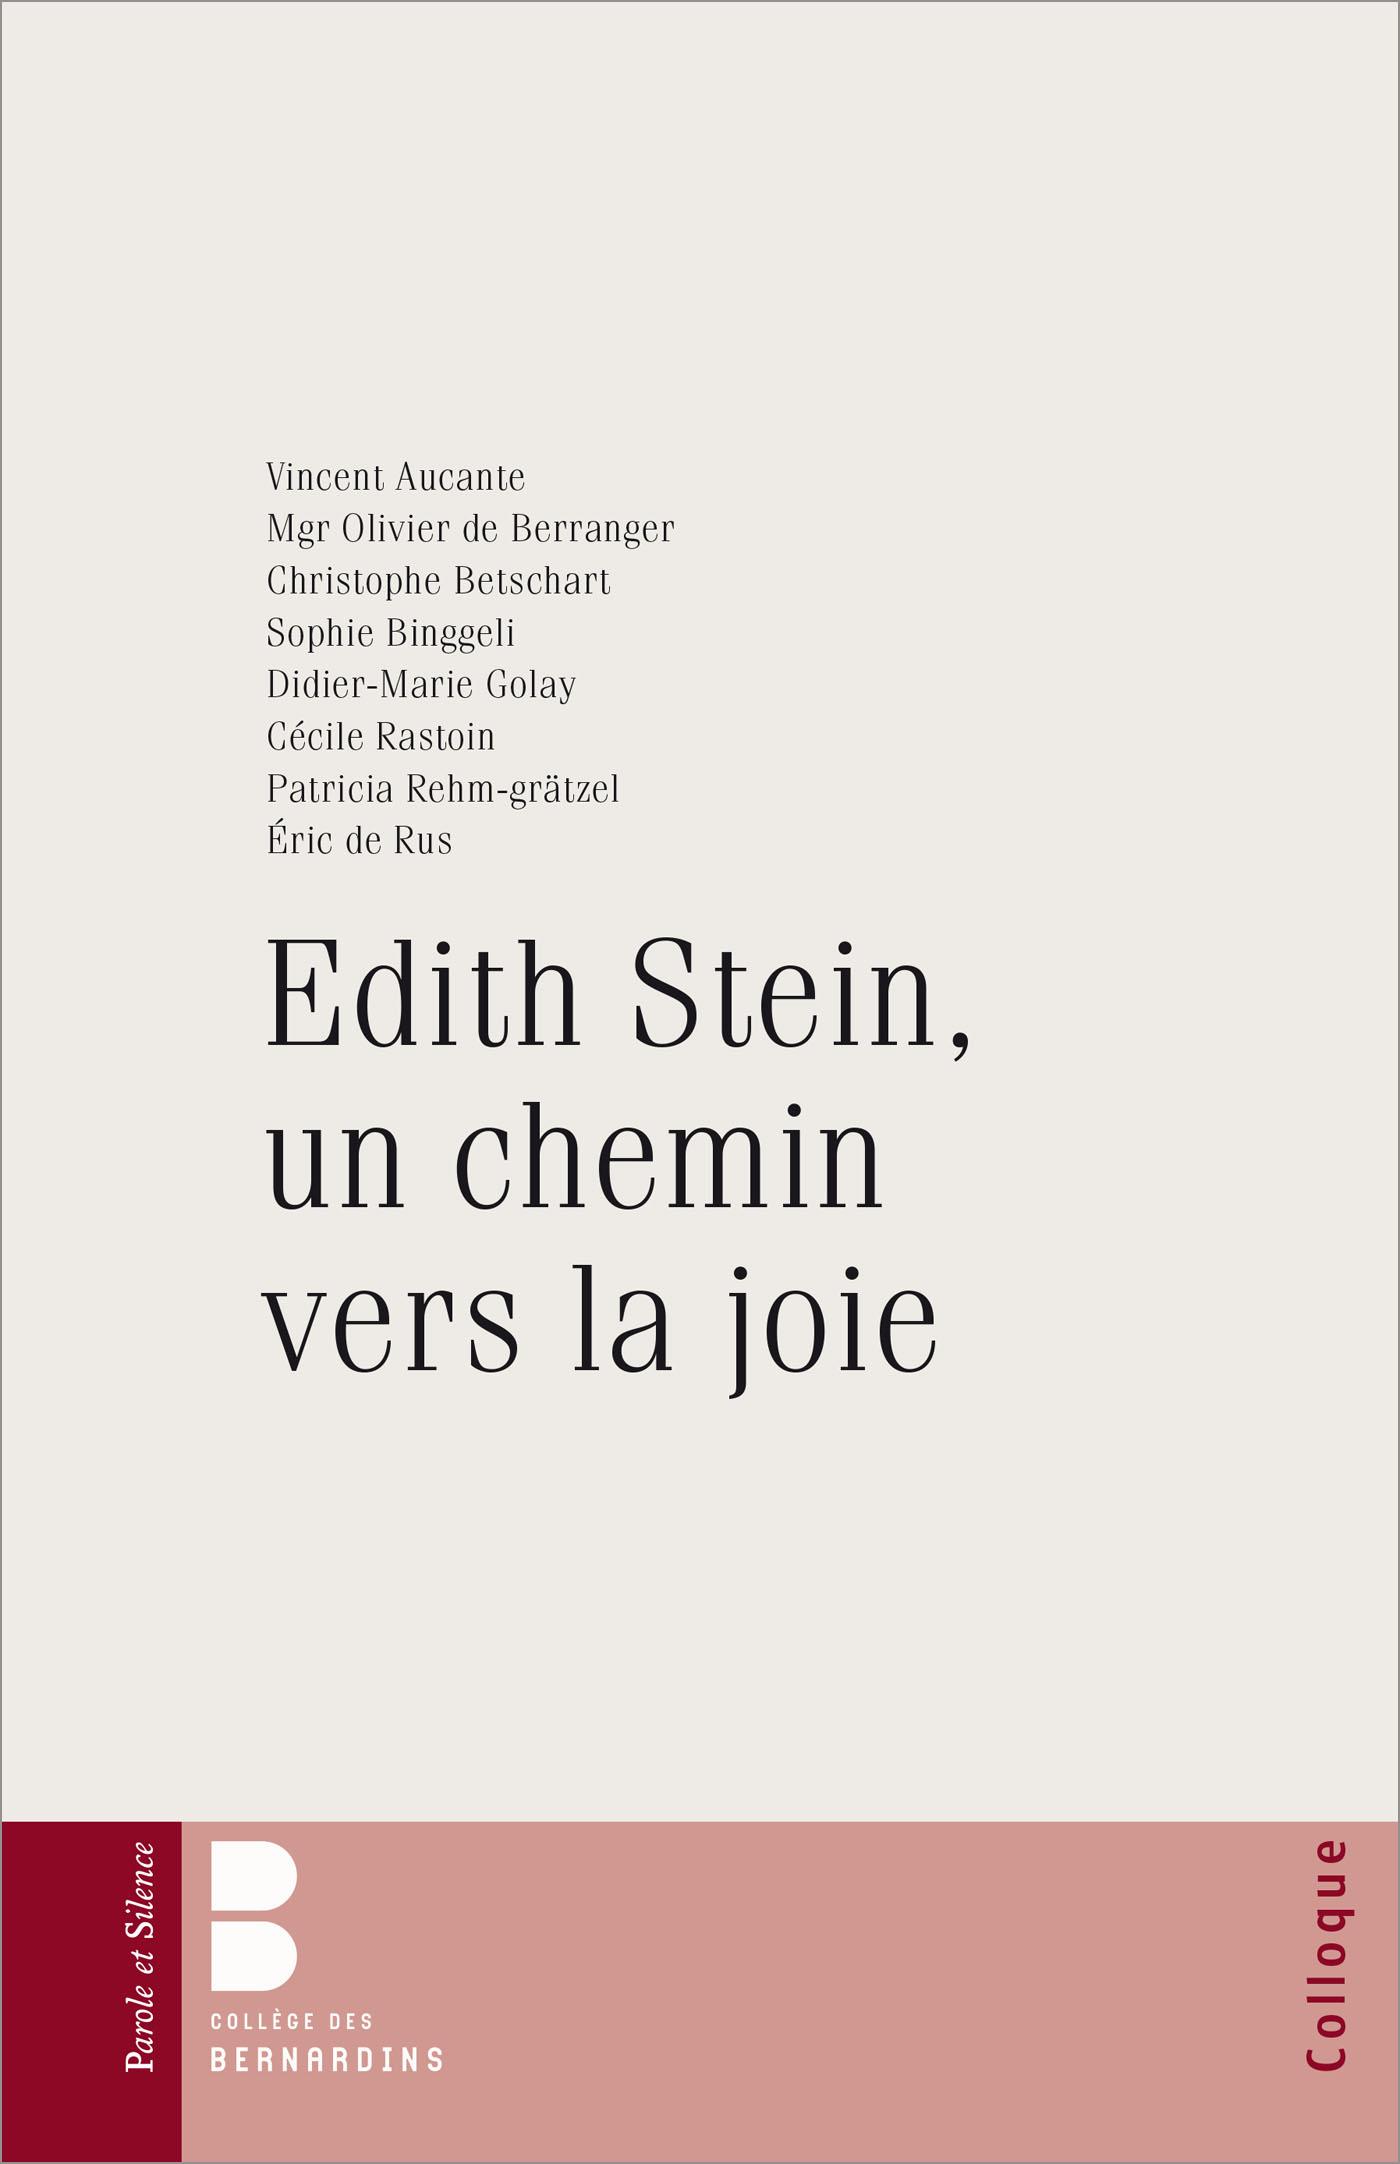 Edith Stein, un chemin vers la joie